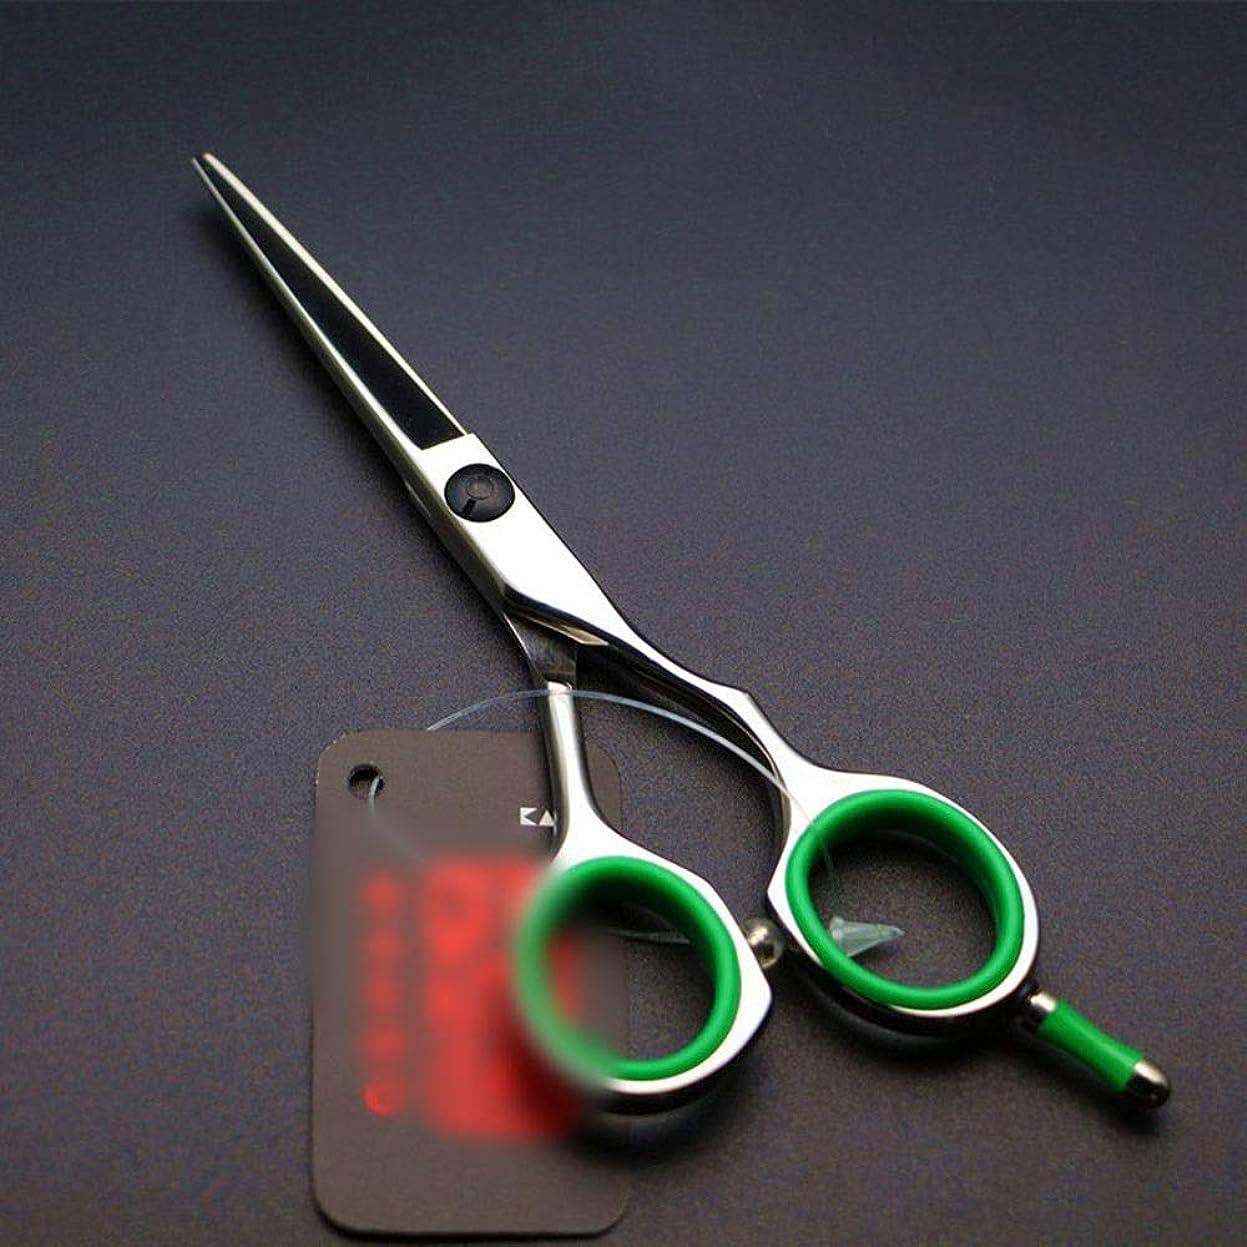 そのようなペースト子音5インチのはさみ理髪はさみ、まっすぐな緑の手は理髪はさみを塗ります モデリングツール (色 : オレンジ)